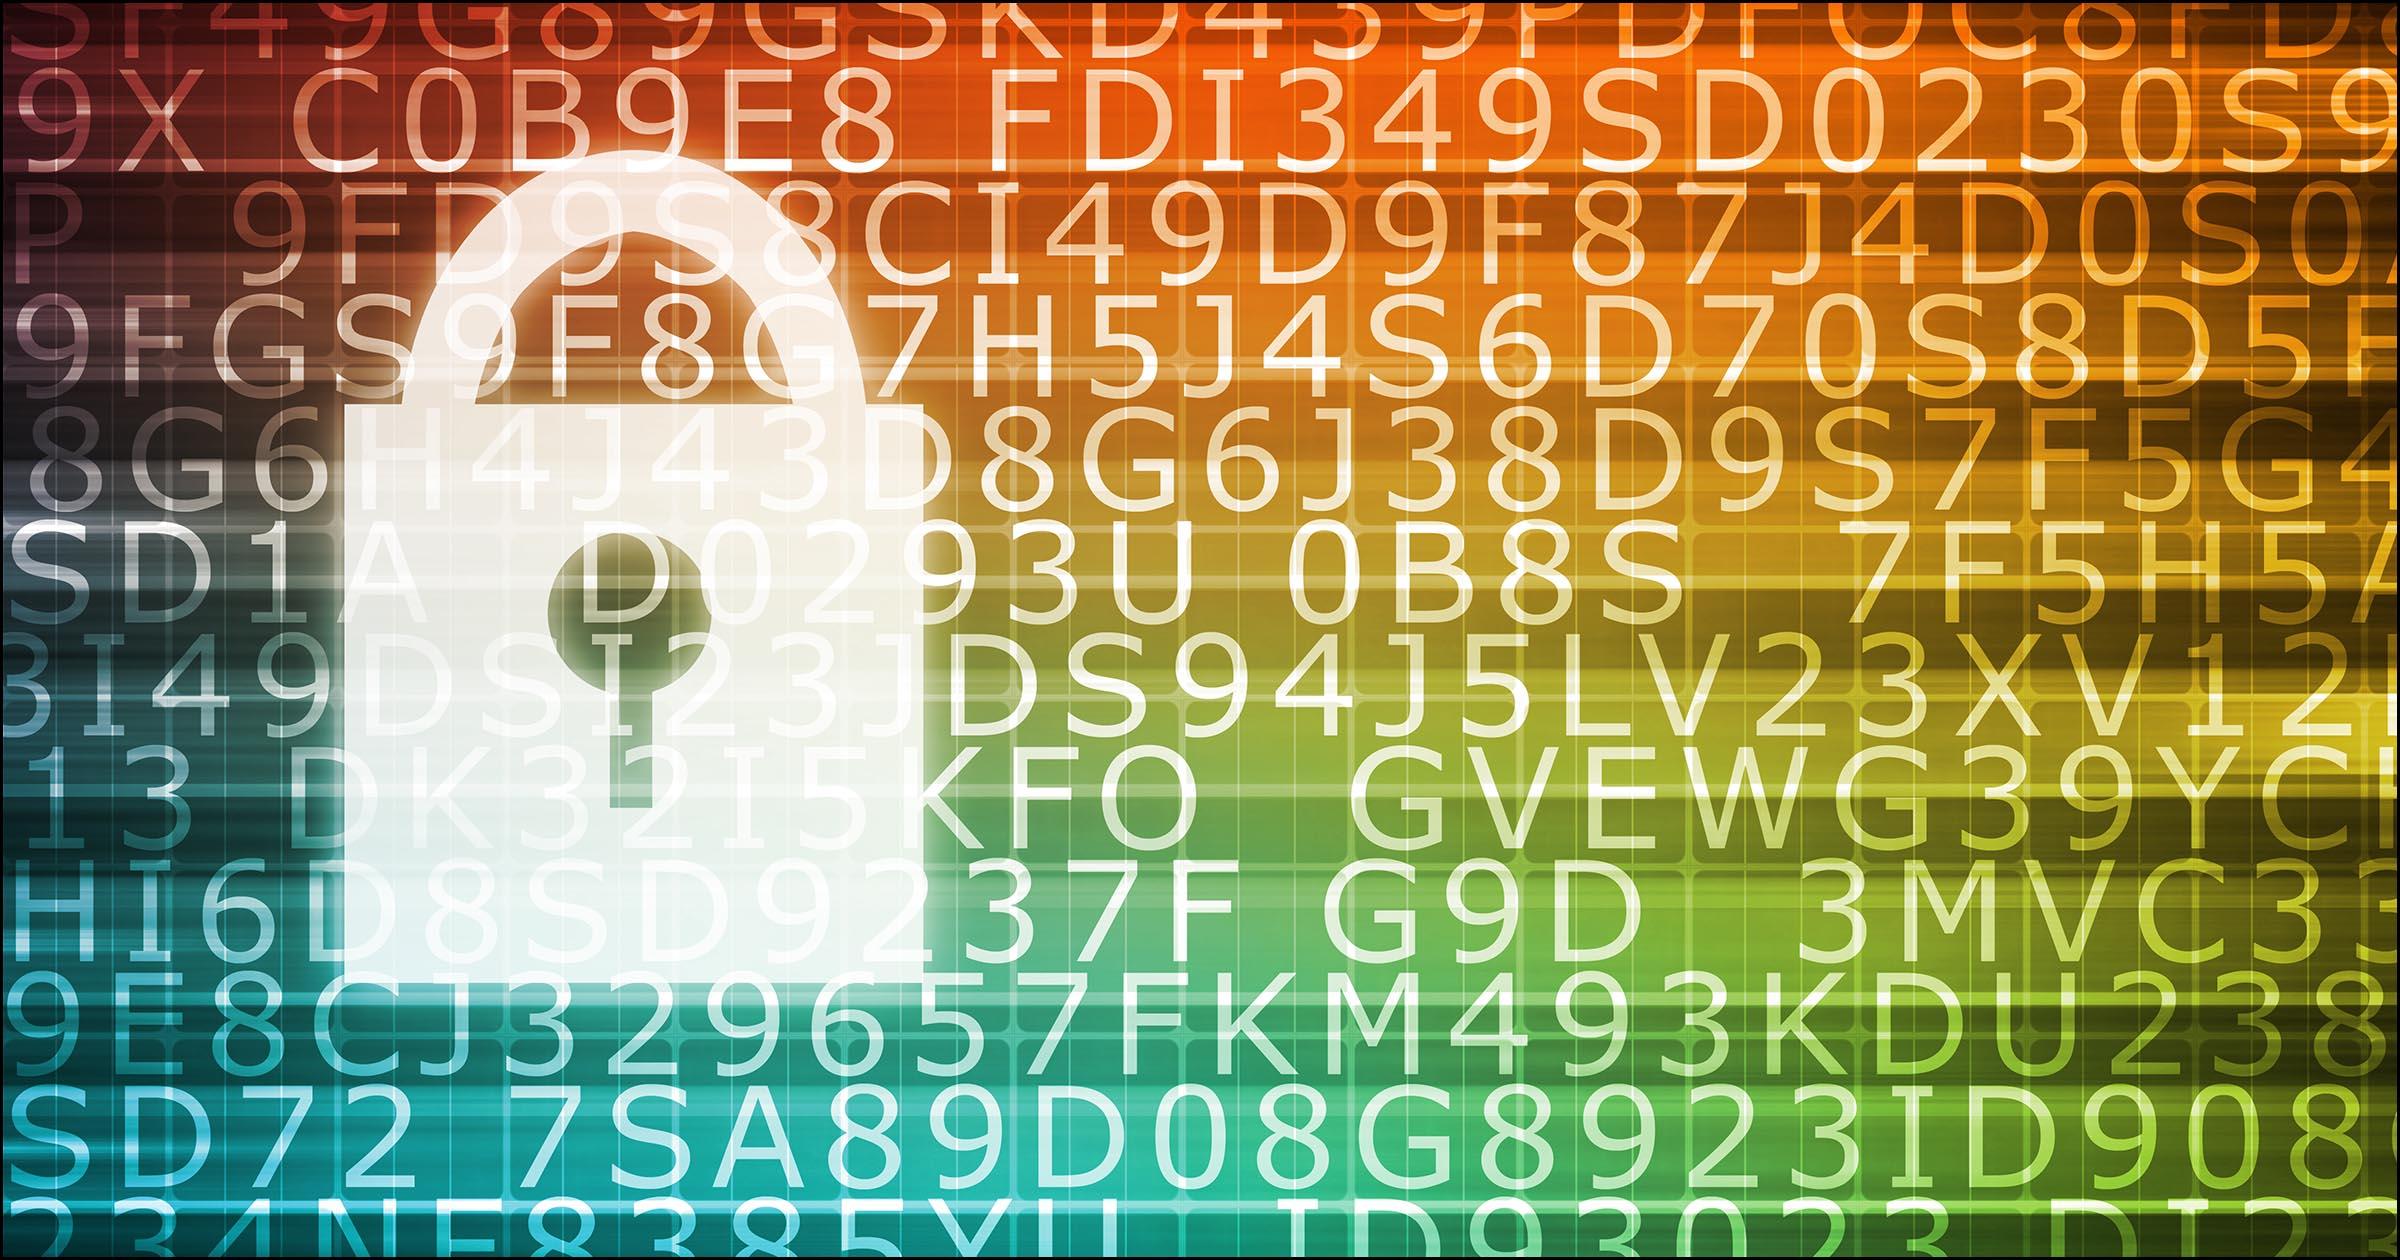 How Do I Encrypt Email? - Ask Leo!